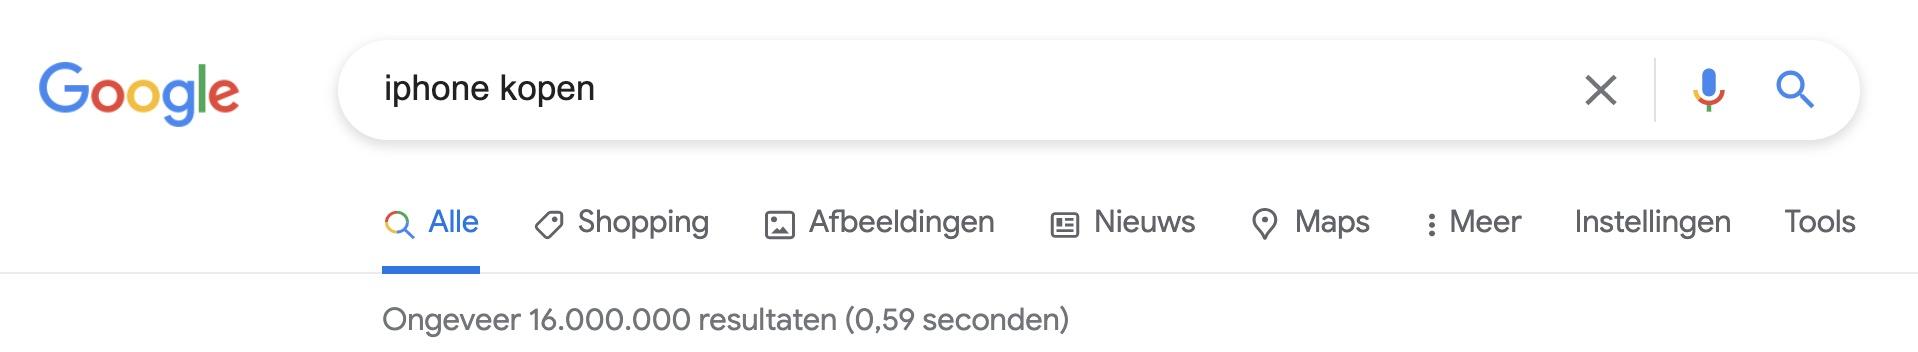 Google Dance - veel concurrentie